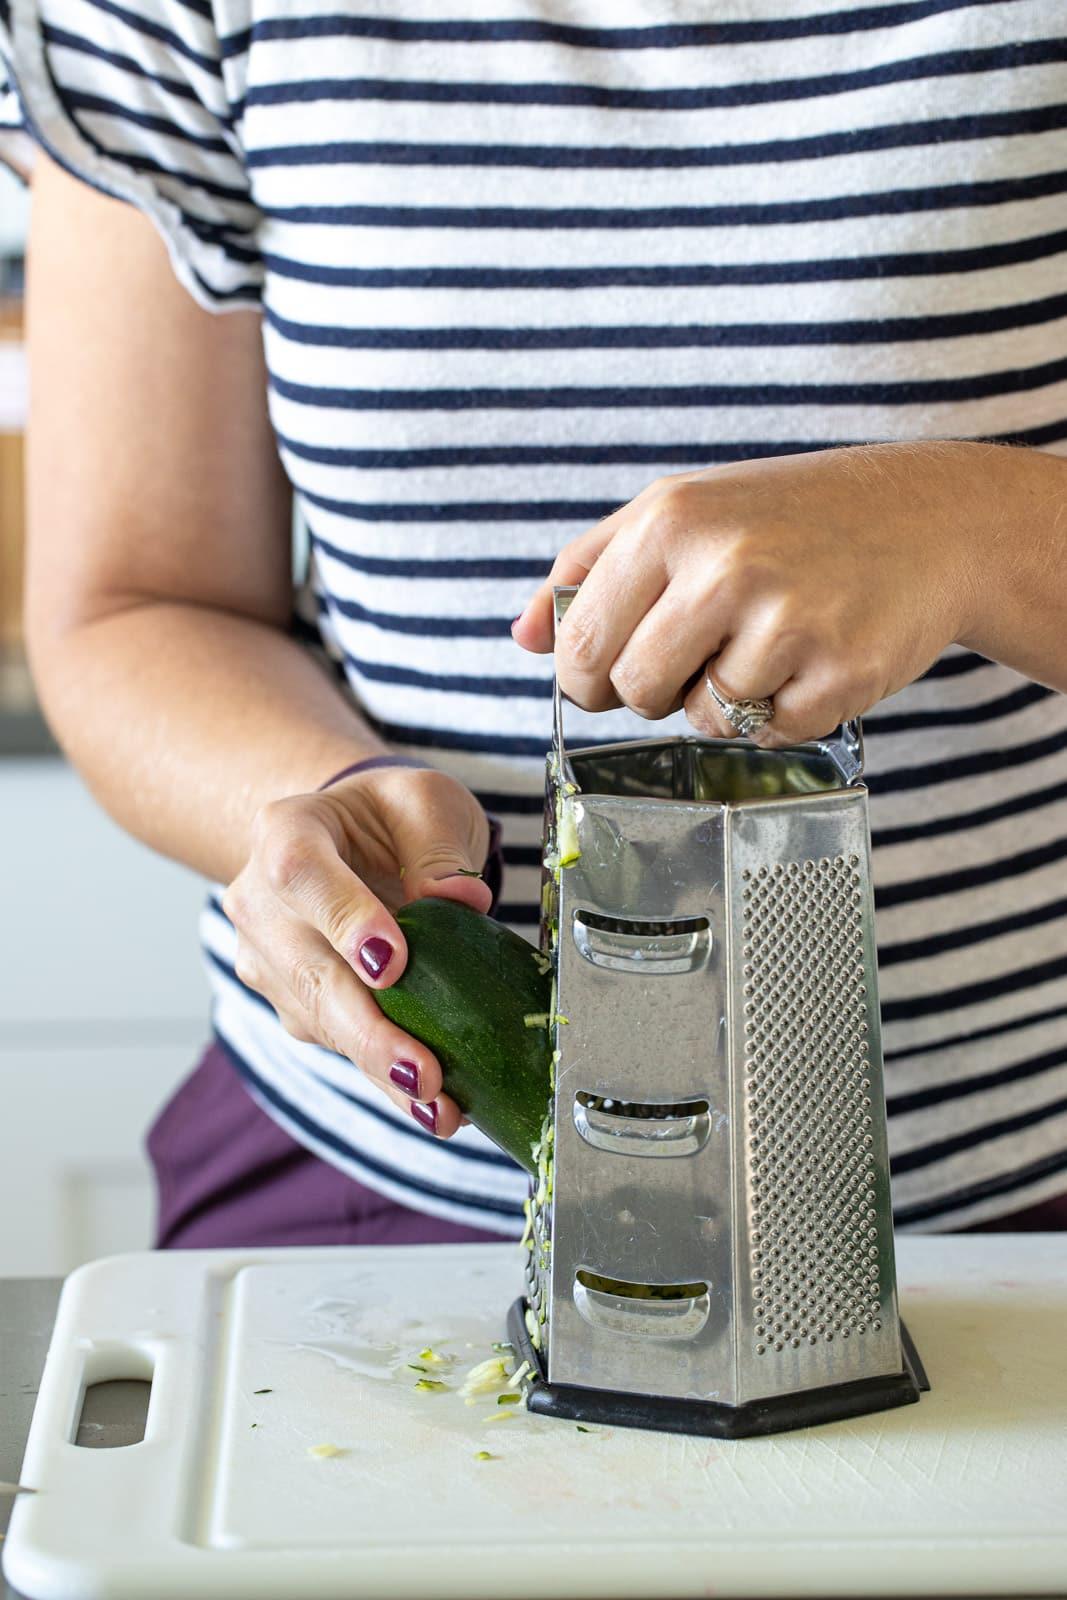 woman grating zucchini for zucchini bread.